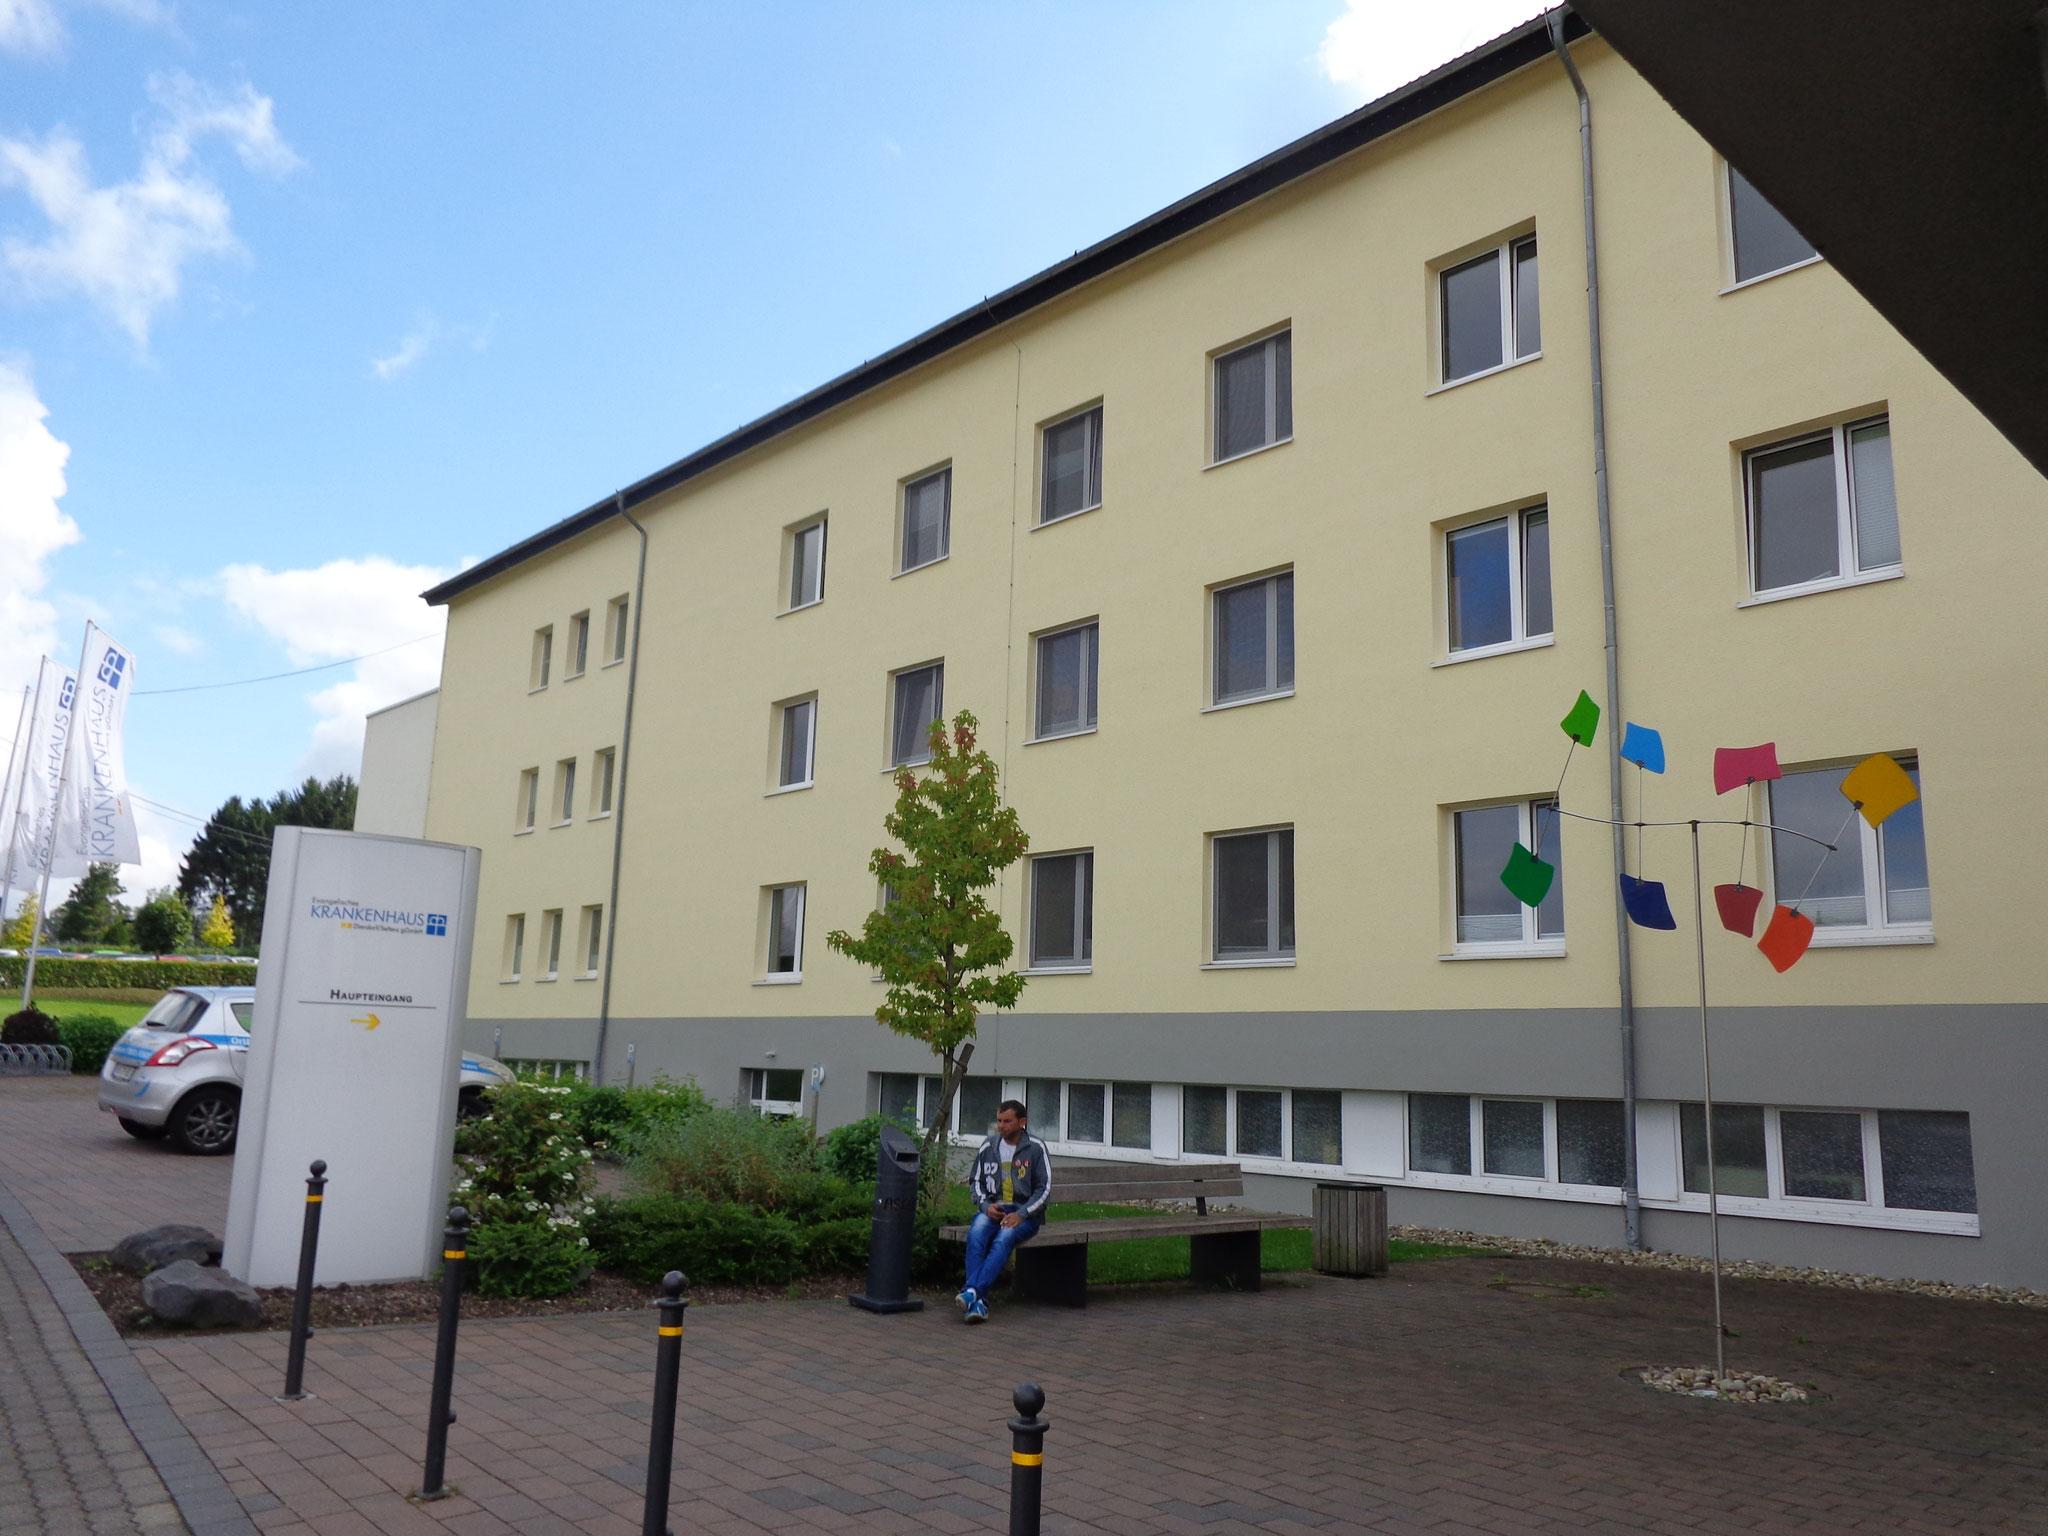 Evangelisches und Johanniter Krankenhaus Dierdorf